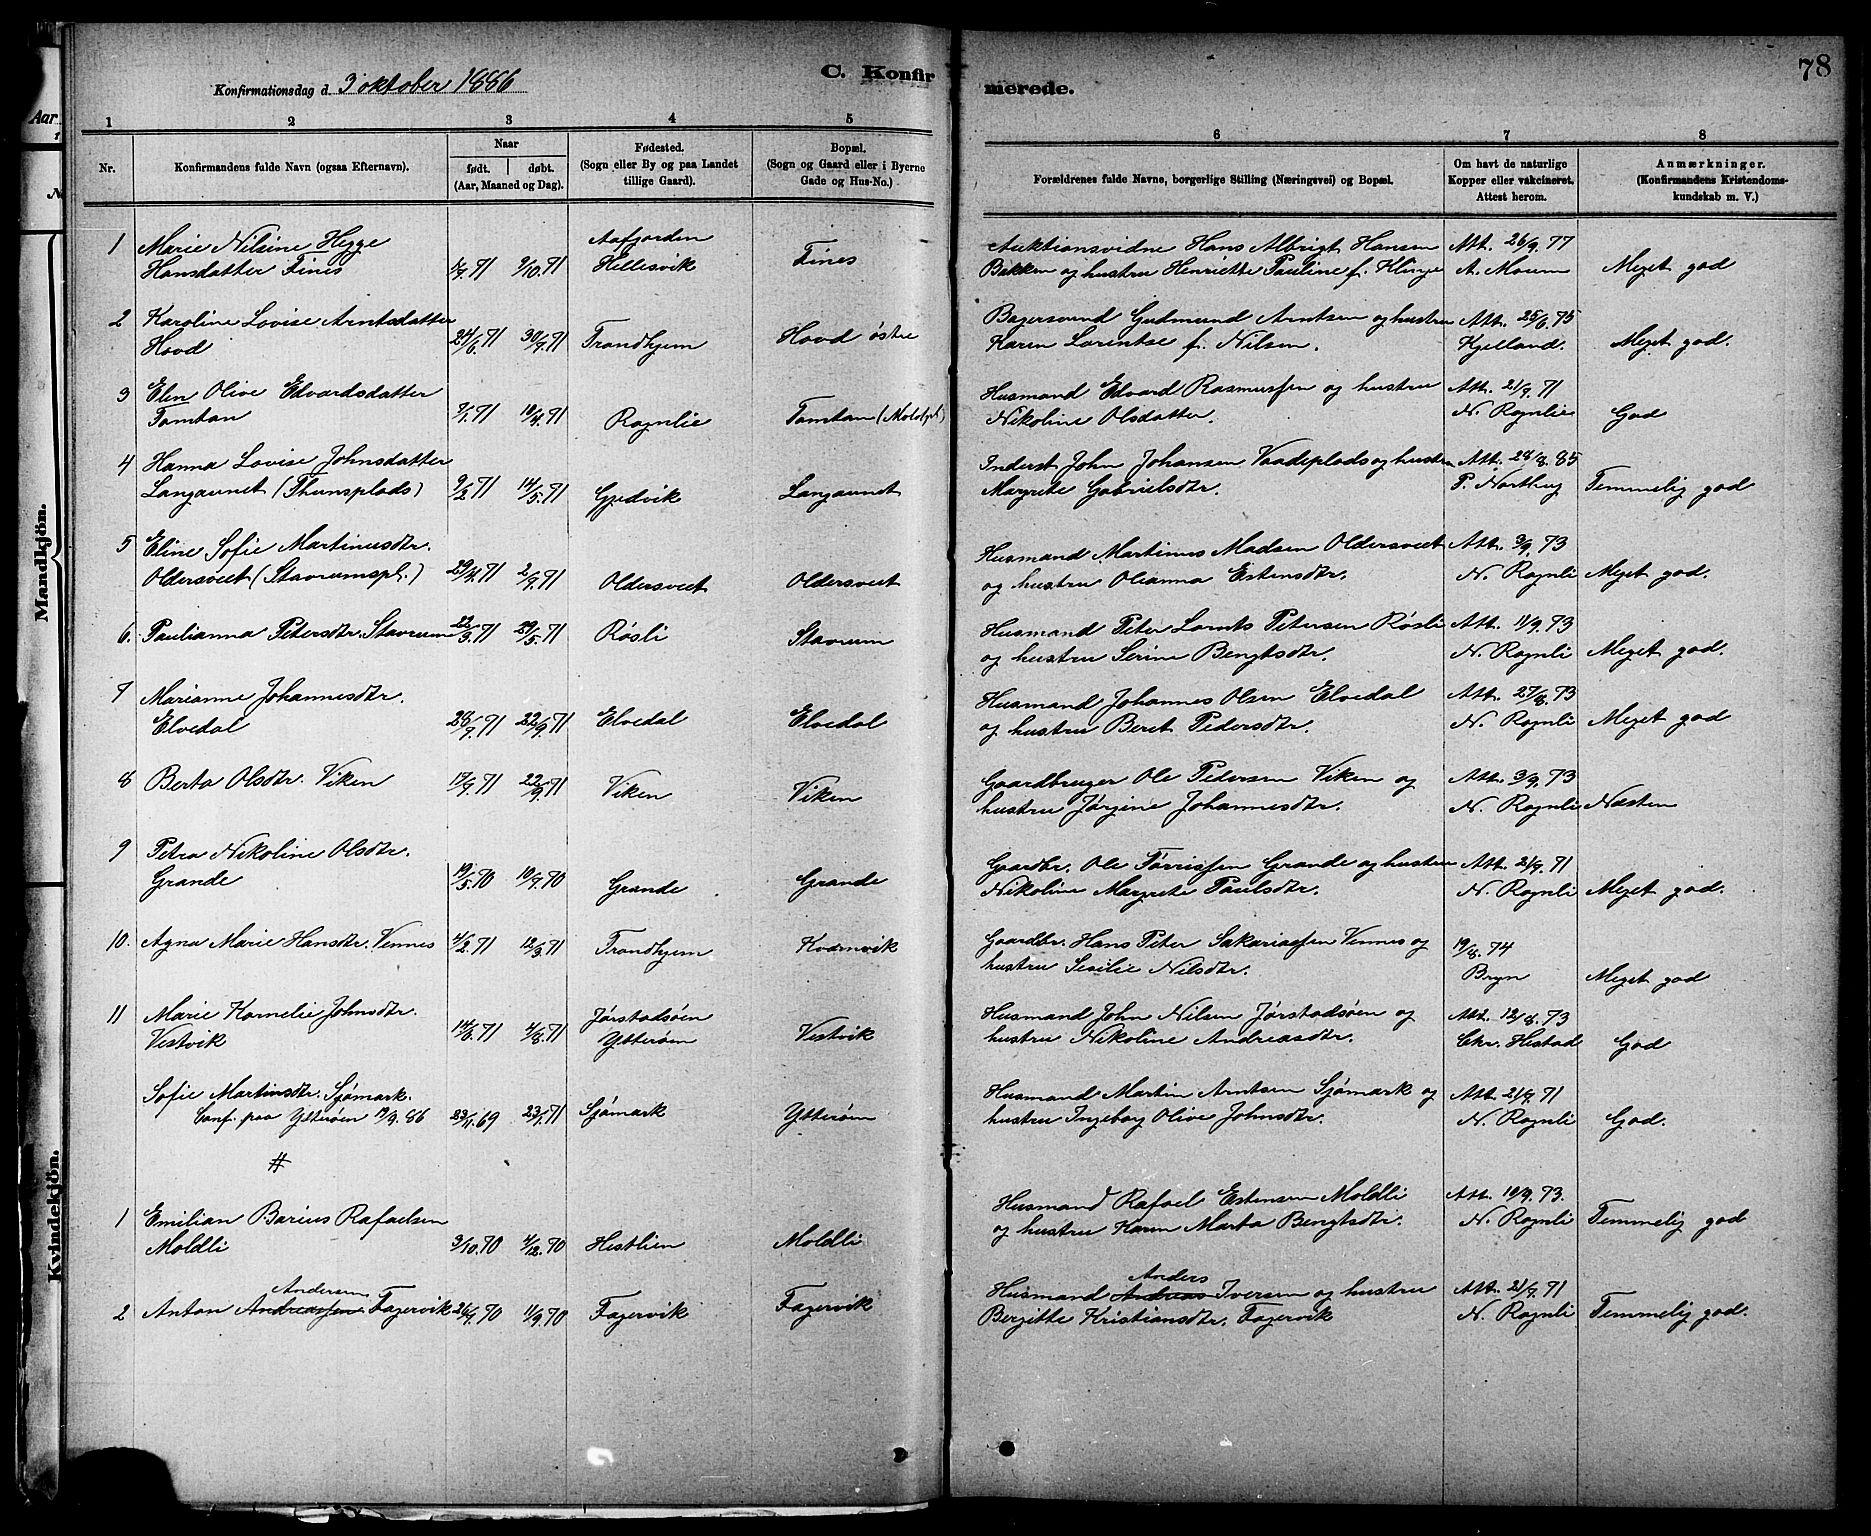 SAT, Ministerialprotokoller, klokkerbøker og fødselsregistre - Nord-Trøndelag, 744/L0423: Klokkerbok nr. 744C02, 1886-1905, s. 78